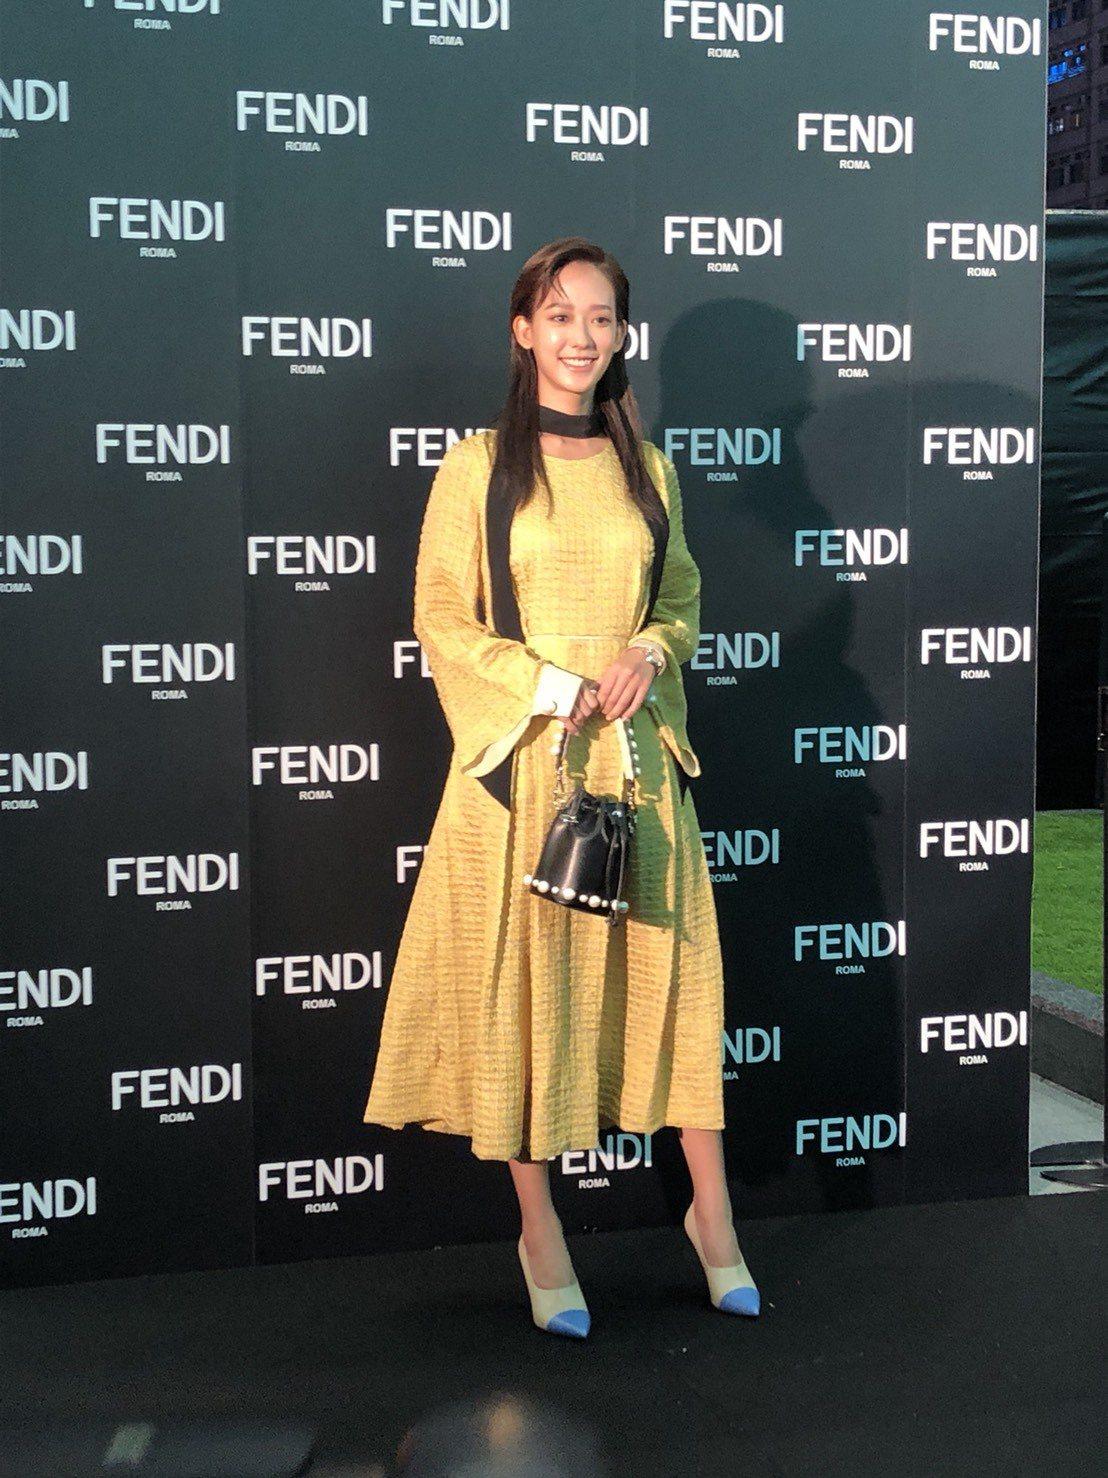 孟耿如選擇鮮豔顏色的裙裝出席Fendi耶誕點燈活動。記者孫曼/攝影